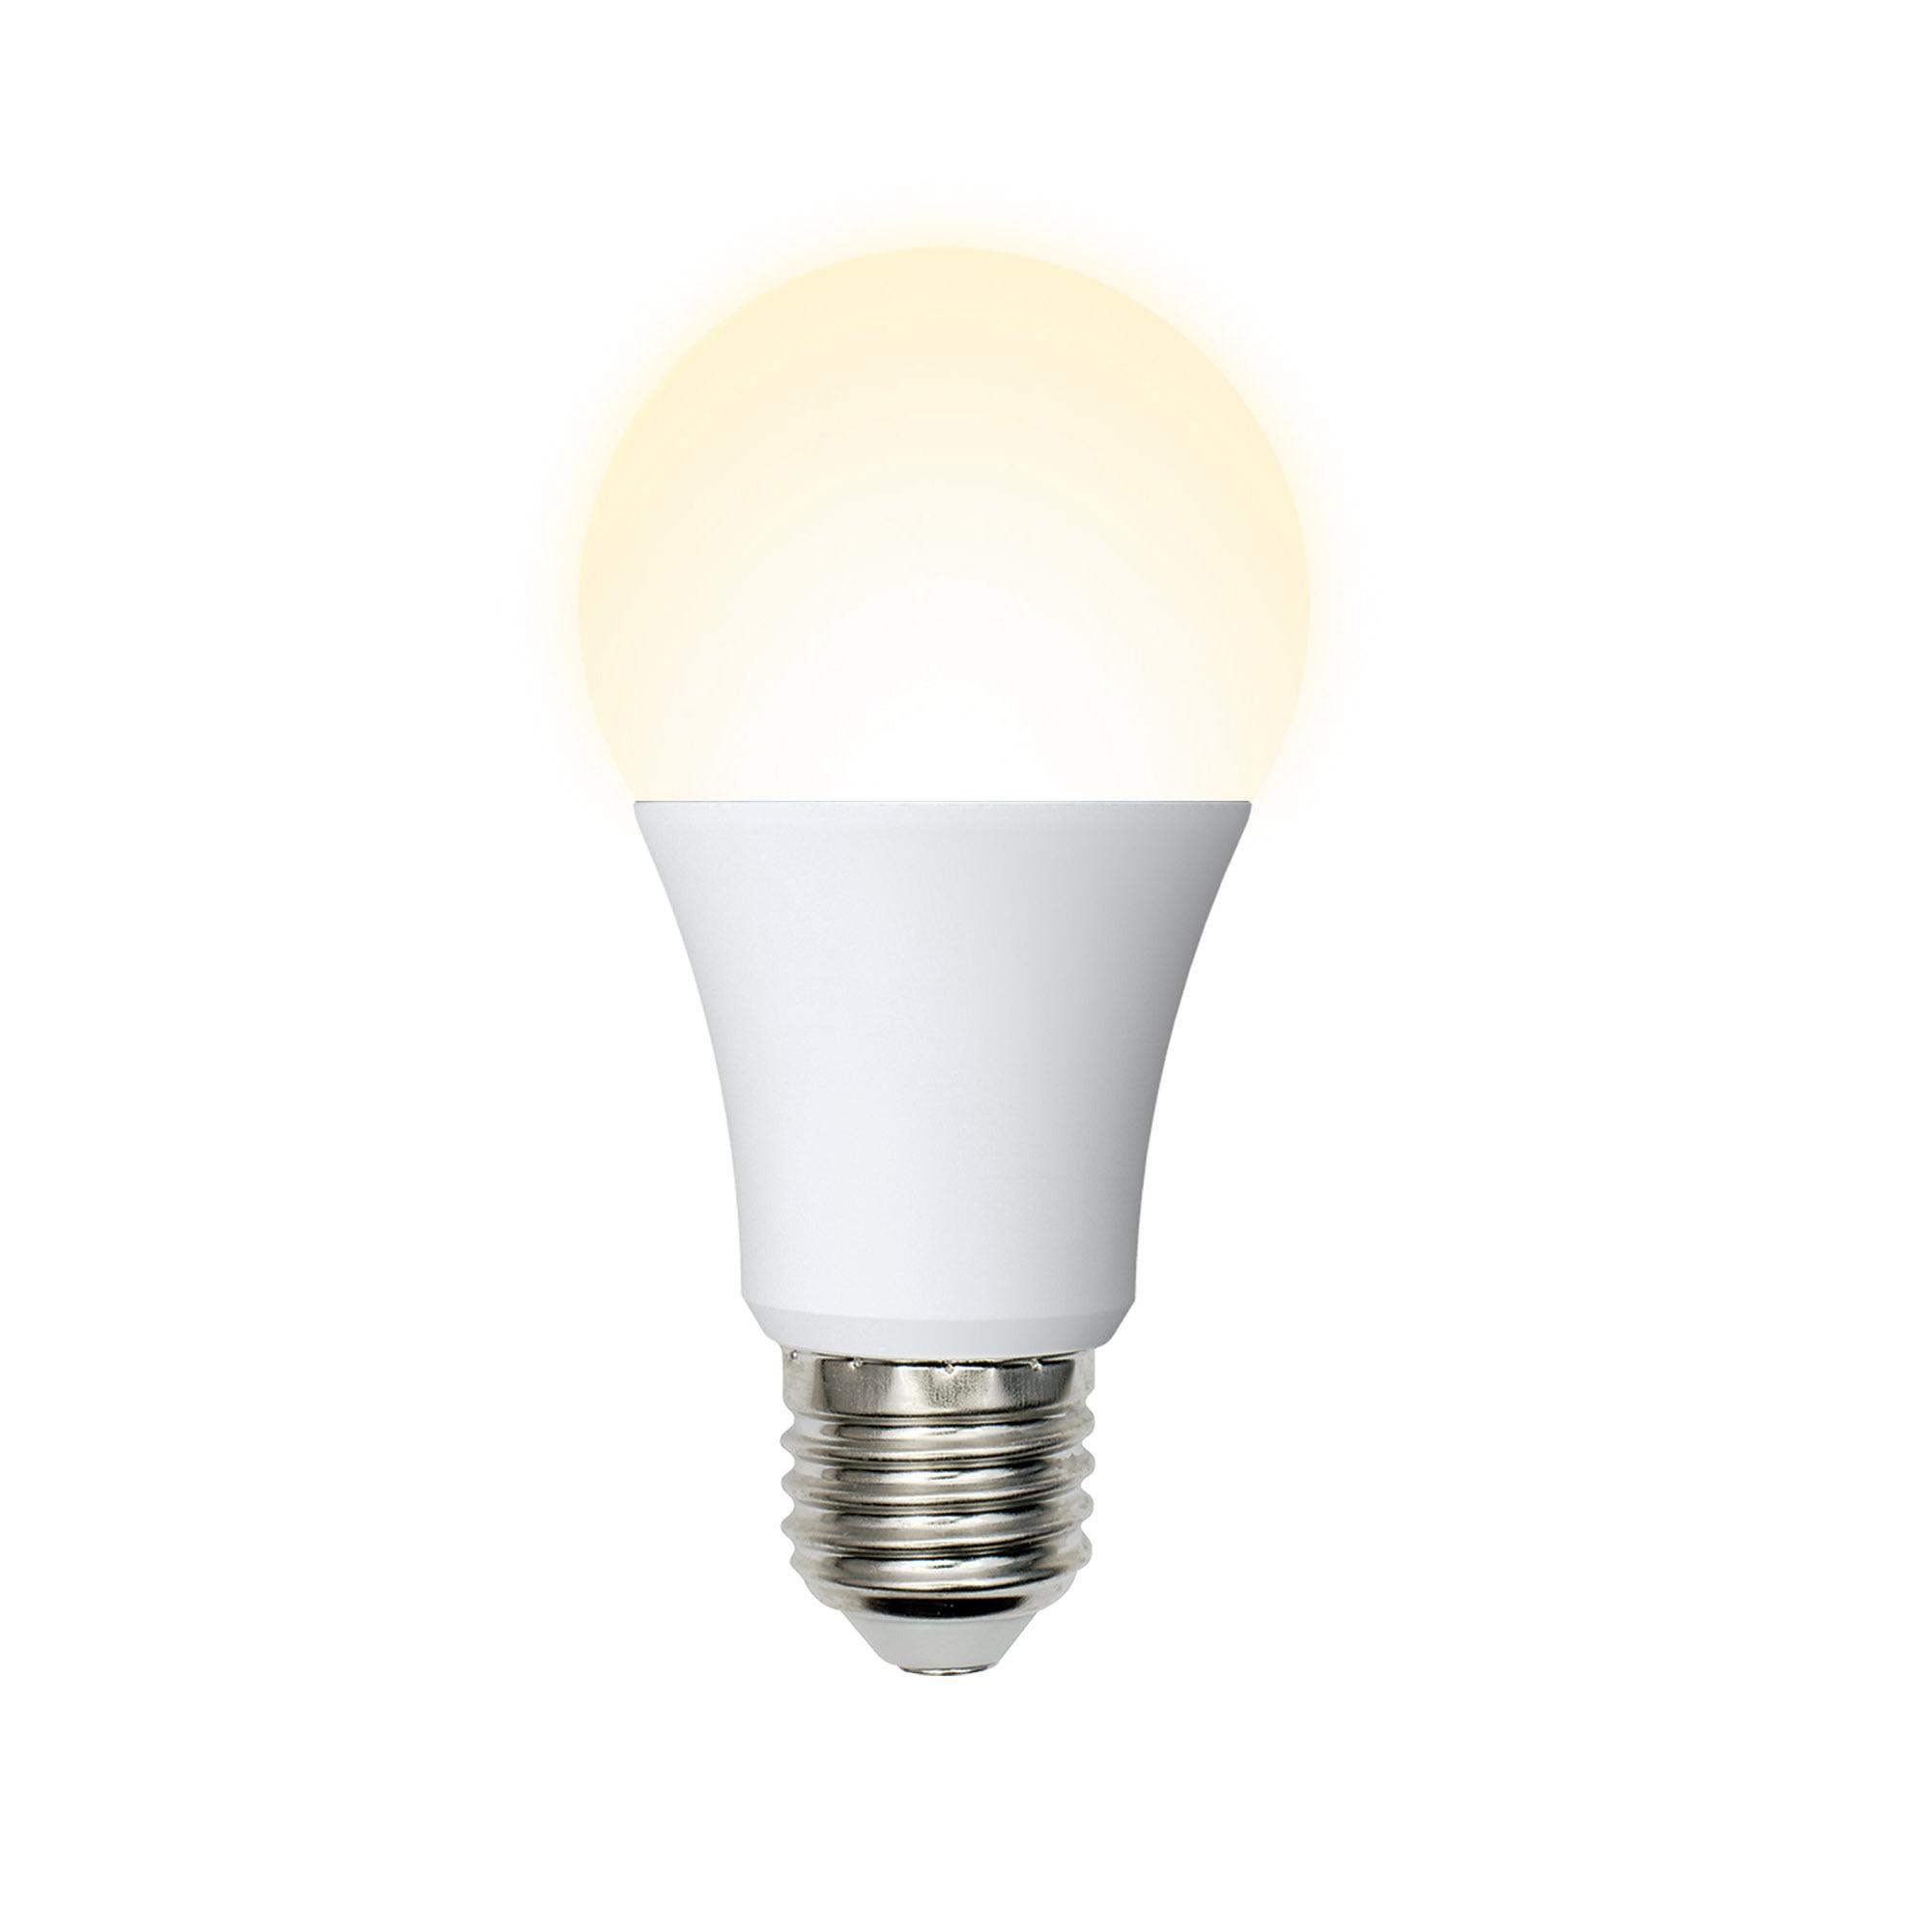 Лампа светодиодная Volpe Norma E27 230 В 9 Вт груша матовая 720 лм тёплый белый свет